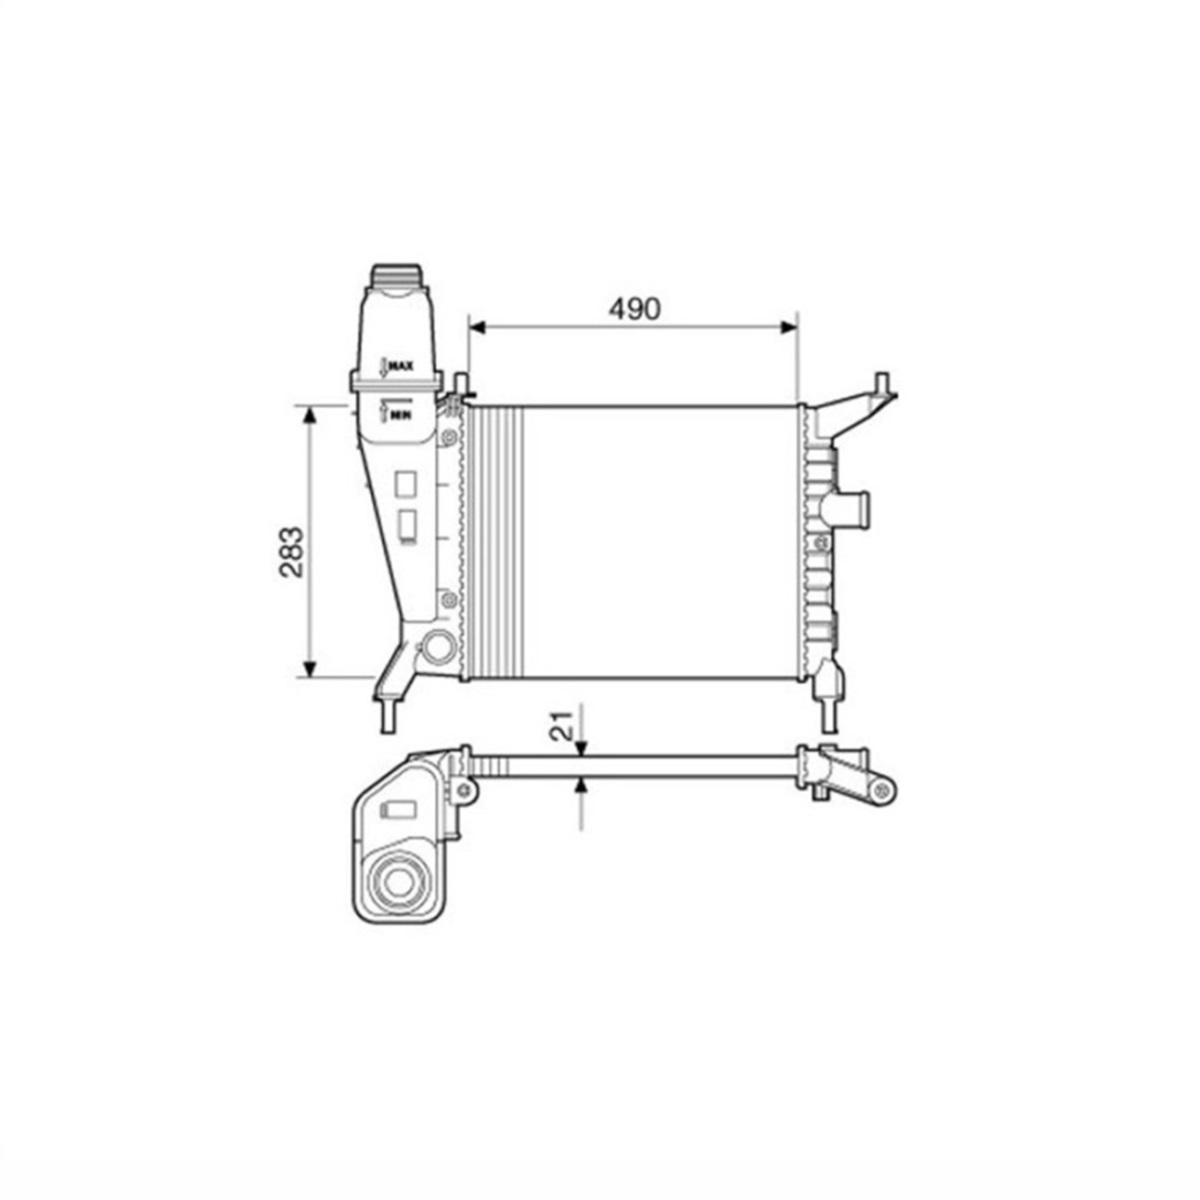 Radiador de Água Chevrolet Celta 1.0 1.4 8V Sem Ar Manual Com Reservatório 2000 a 2005